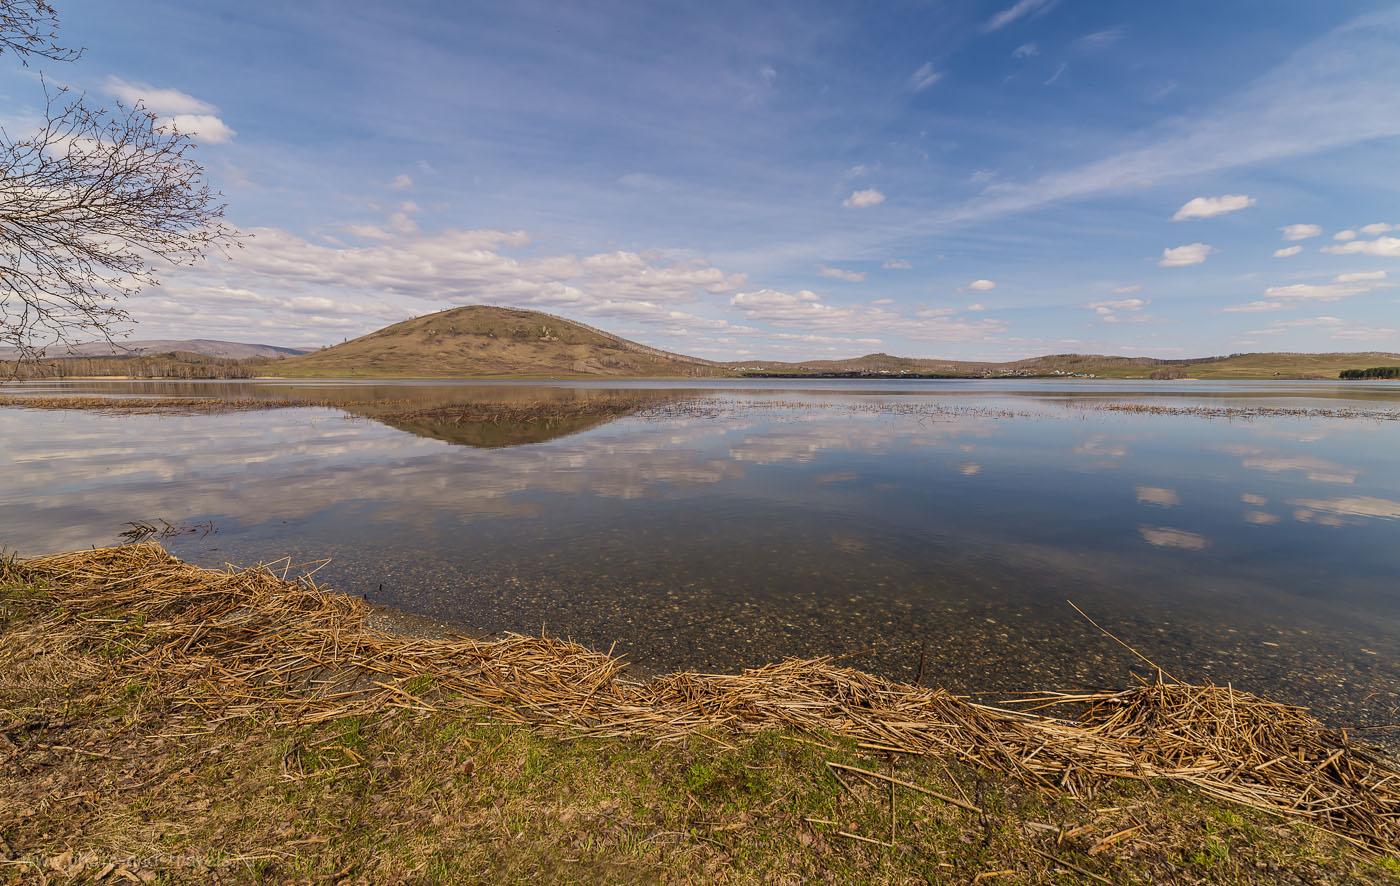 Фотография 2. Озеро Аушкуль и гора Ауштау. На том берегу – деревня Старобайрамгулово. Куда поехать на отдых в Башкирии. На снимке гора кажется небольшим холмиком, поскольку снимал я на суперширокоугольный объектив Samyang 14 mm f/2.8, который «скрадывает» размеры объектов. 1/320, -0.67, 8.0, 100, 14.